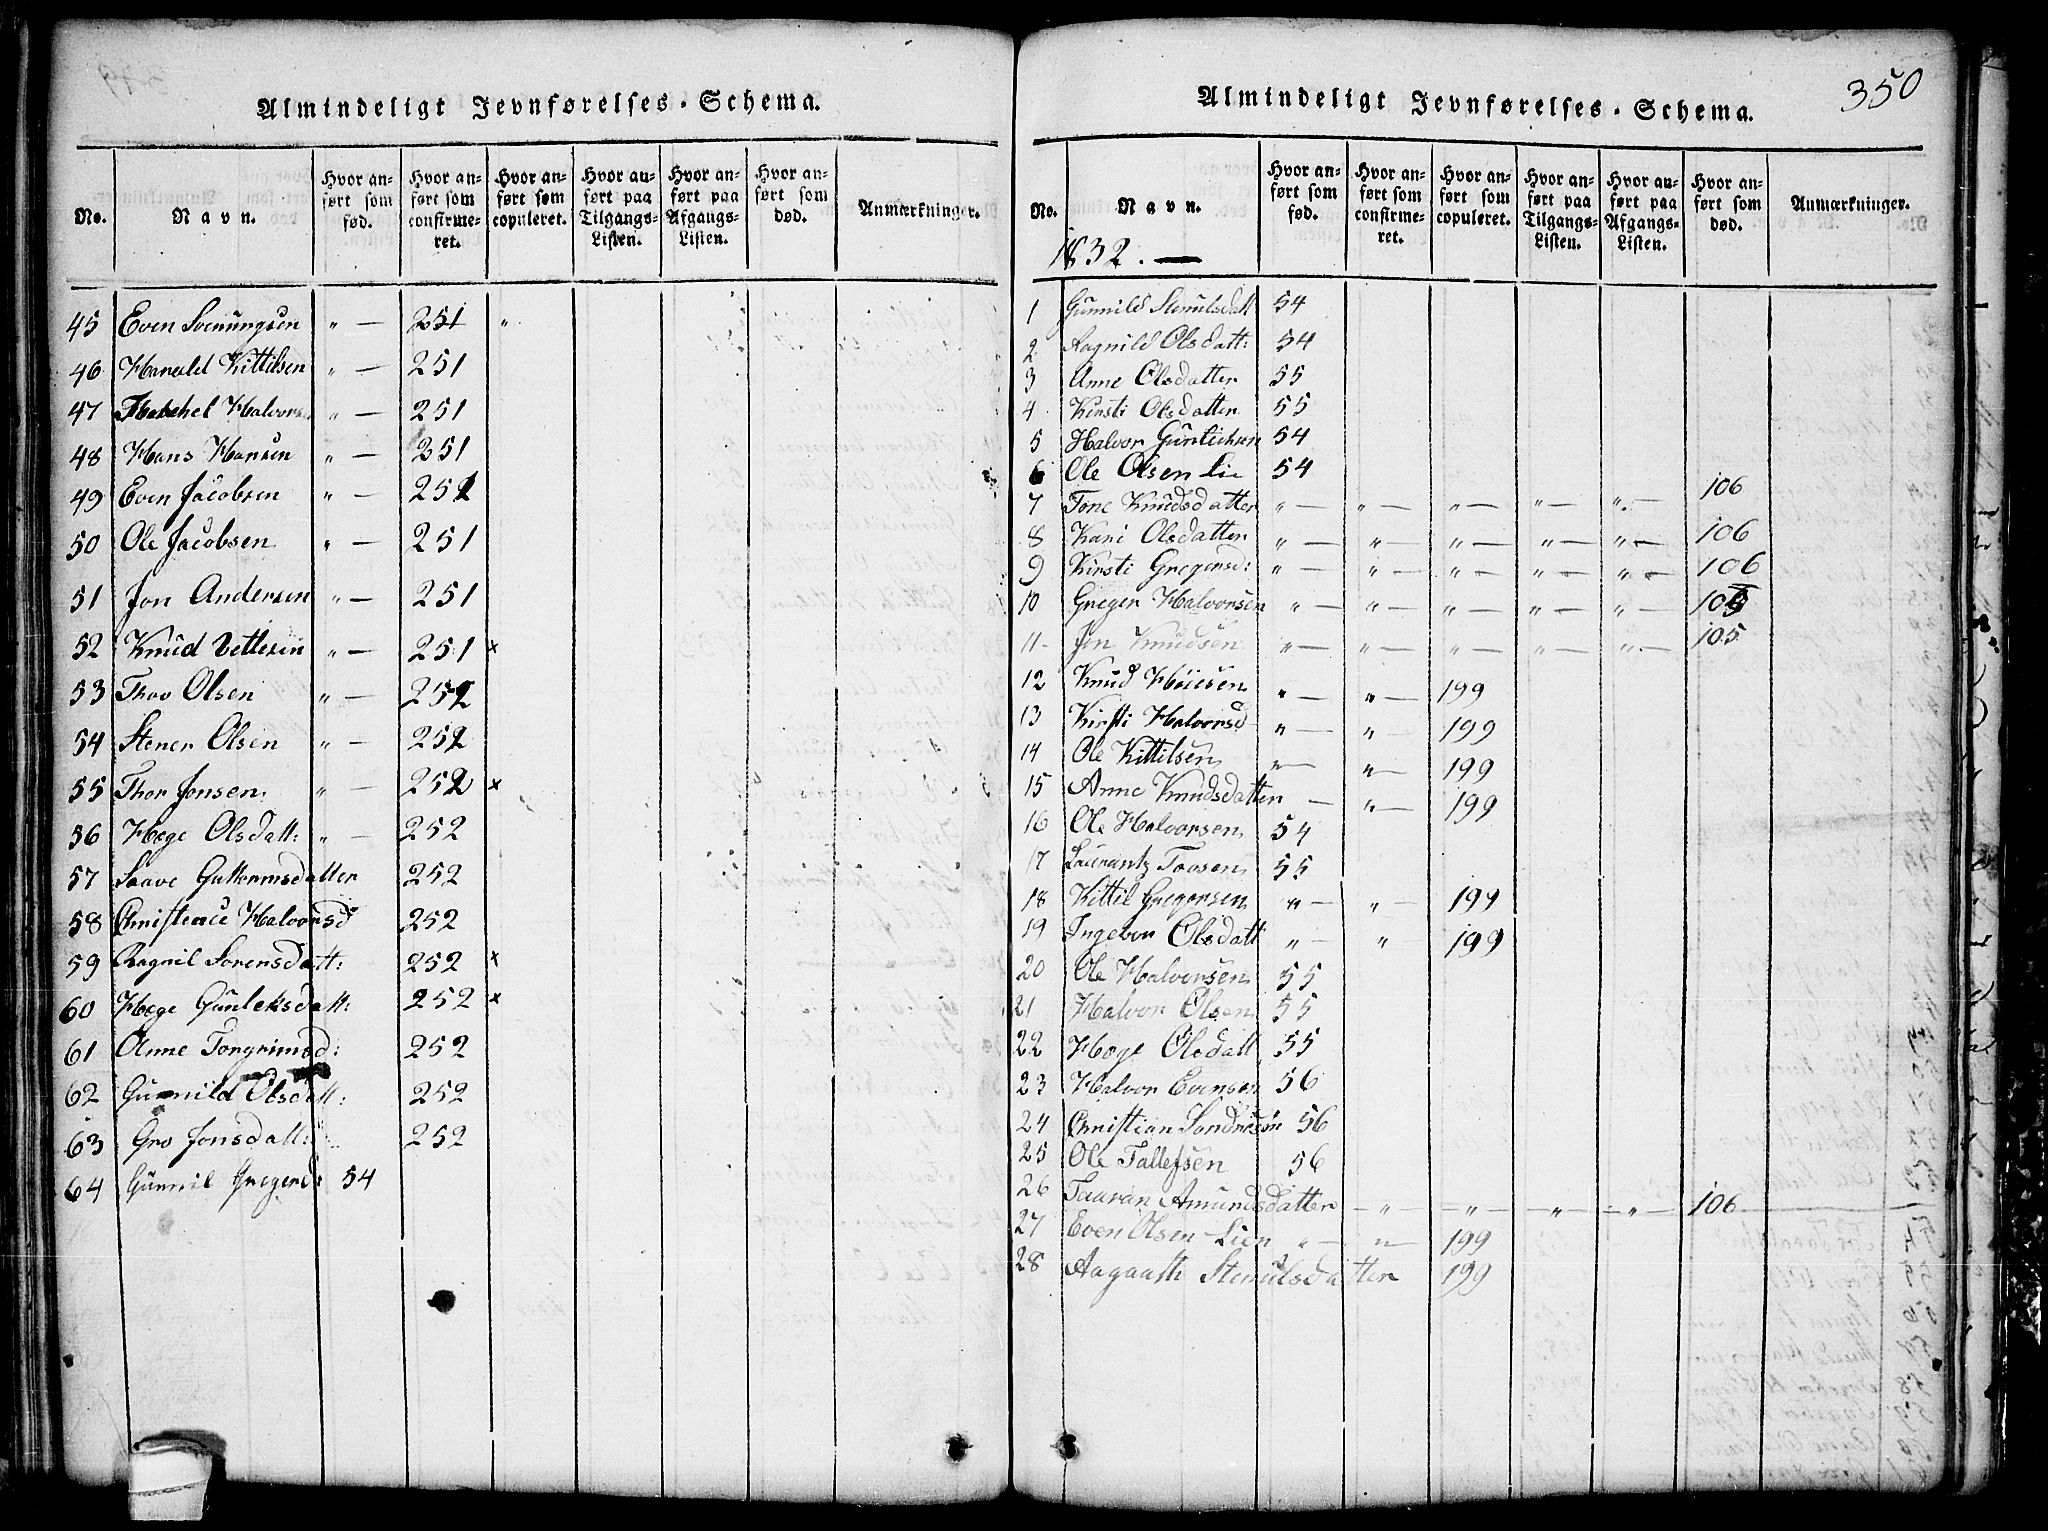 SAKO, Seljord kirkebøker, G/Gb/L0002: Klokkerbok nr. II 2, 1815-1854, s. 350